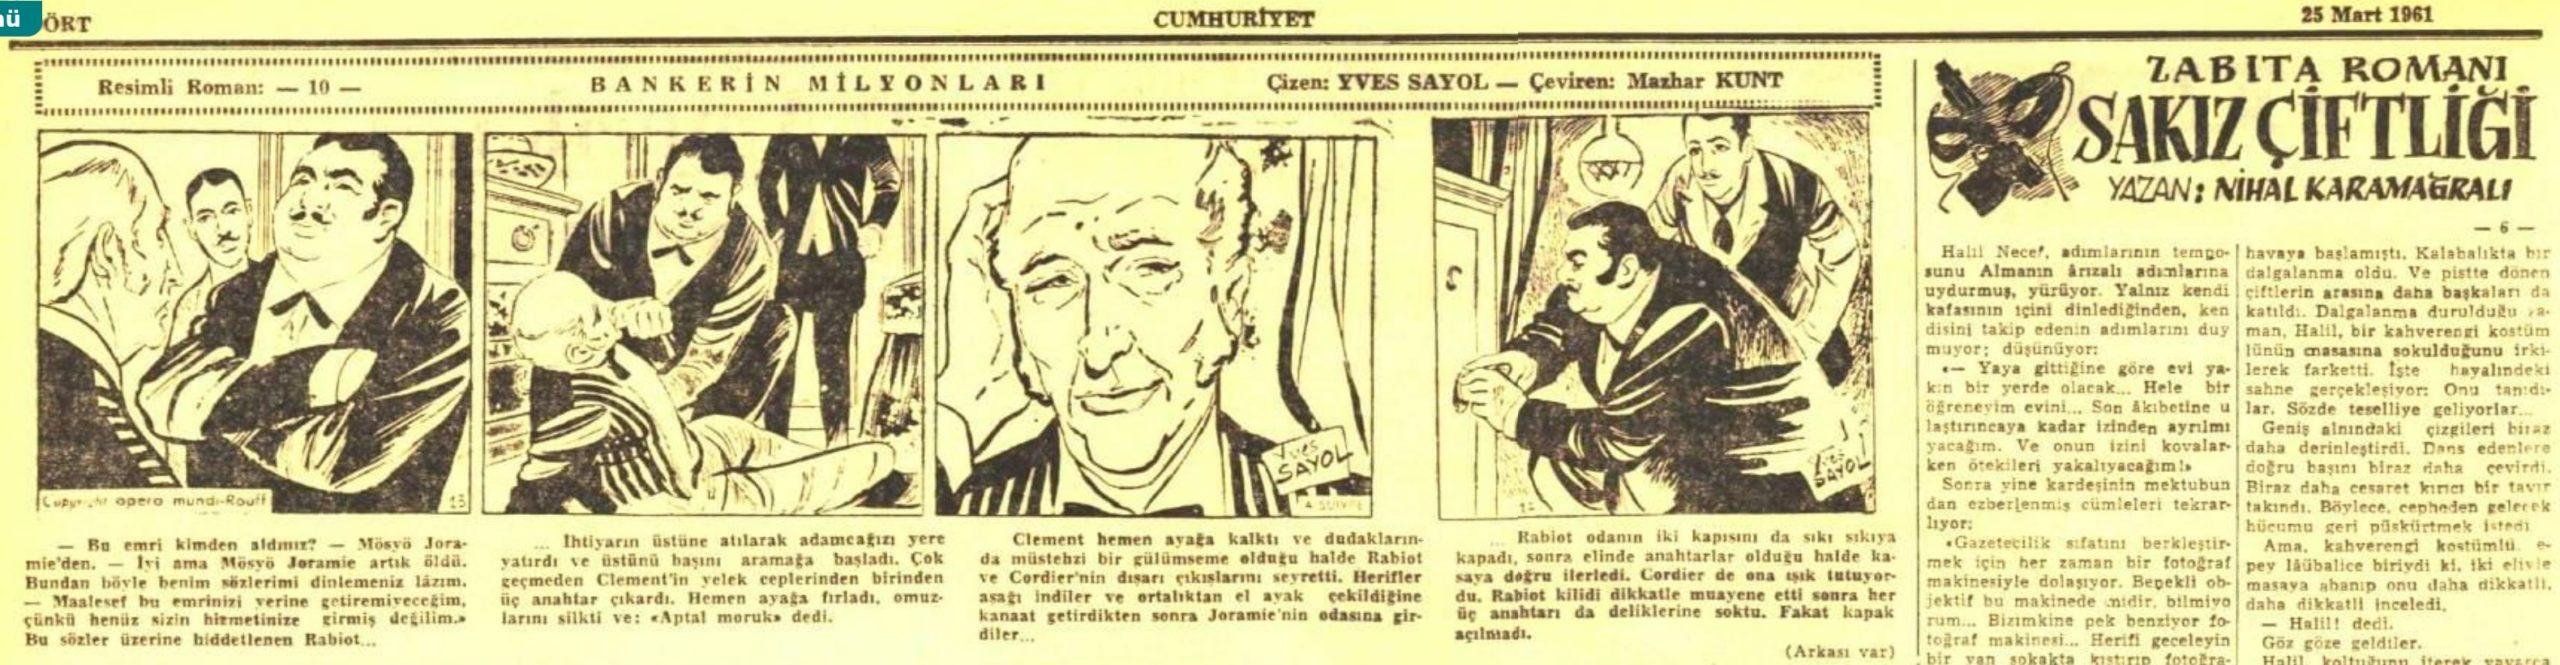 Cumhuriyet Gazetesinin 25 Mart 1961 tarihli baskısında yer alan Mazhar Kunt'un Yves Sayol'un Bankerin Milyonları adlı resimli romanına dair çevirisi